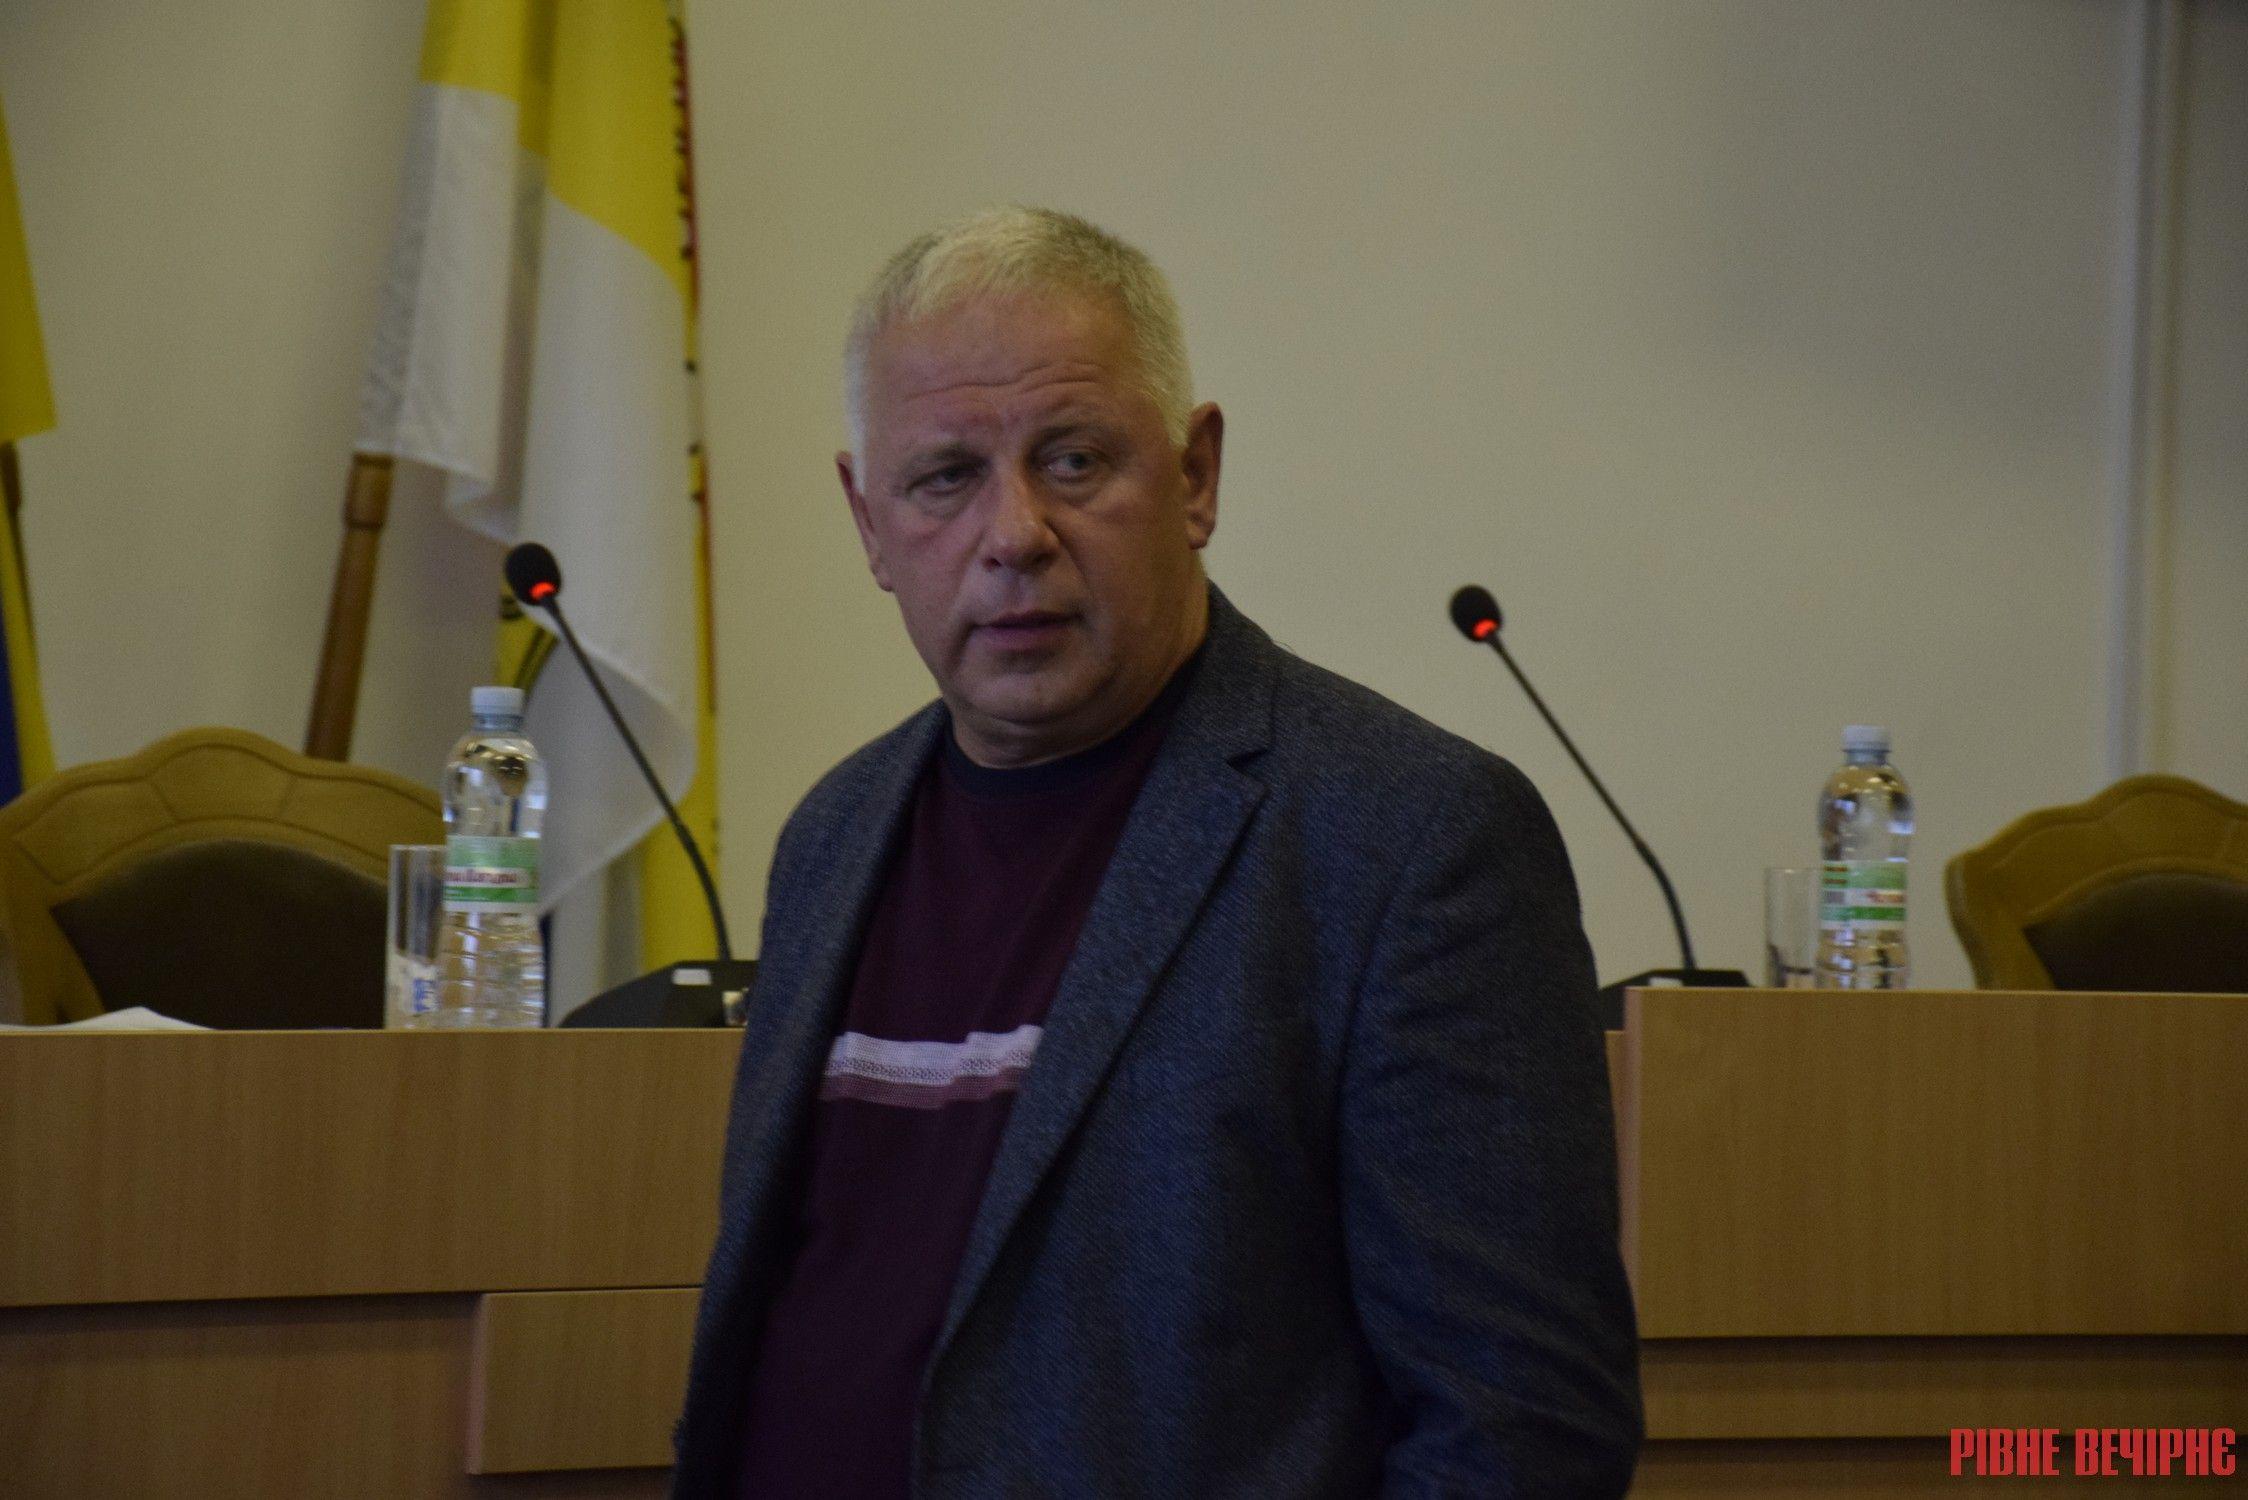 Рівненські «Свобода» та «Батьківщина» не домовилися на тему «олігархів біля владного корита»